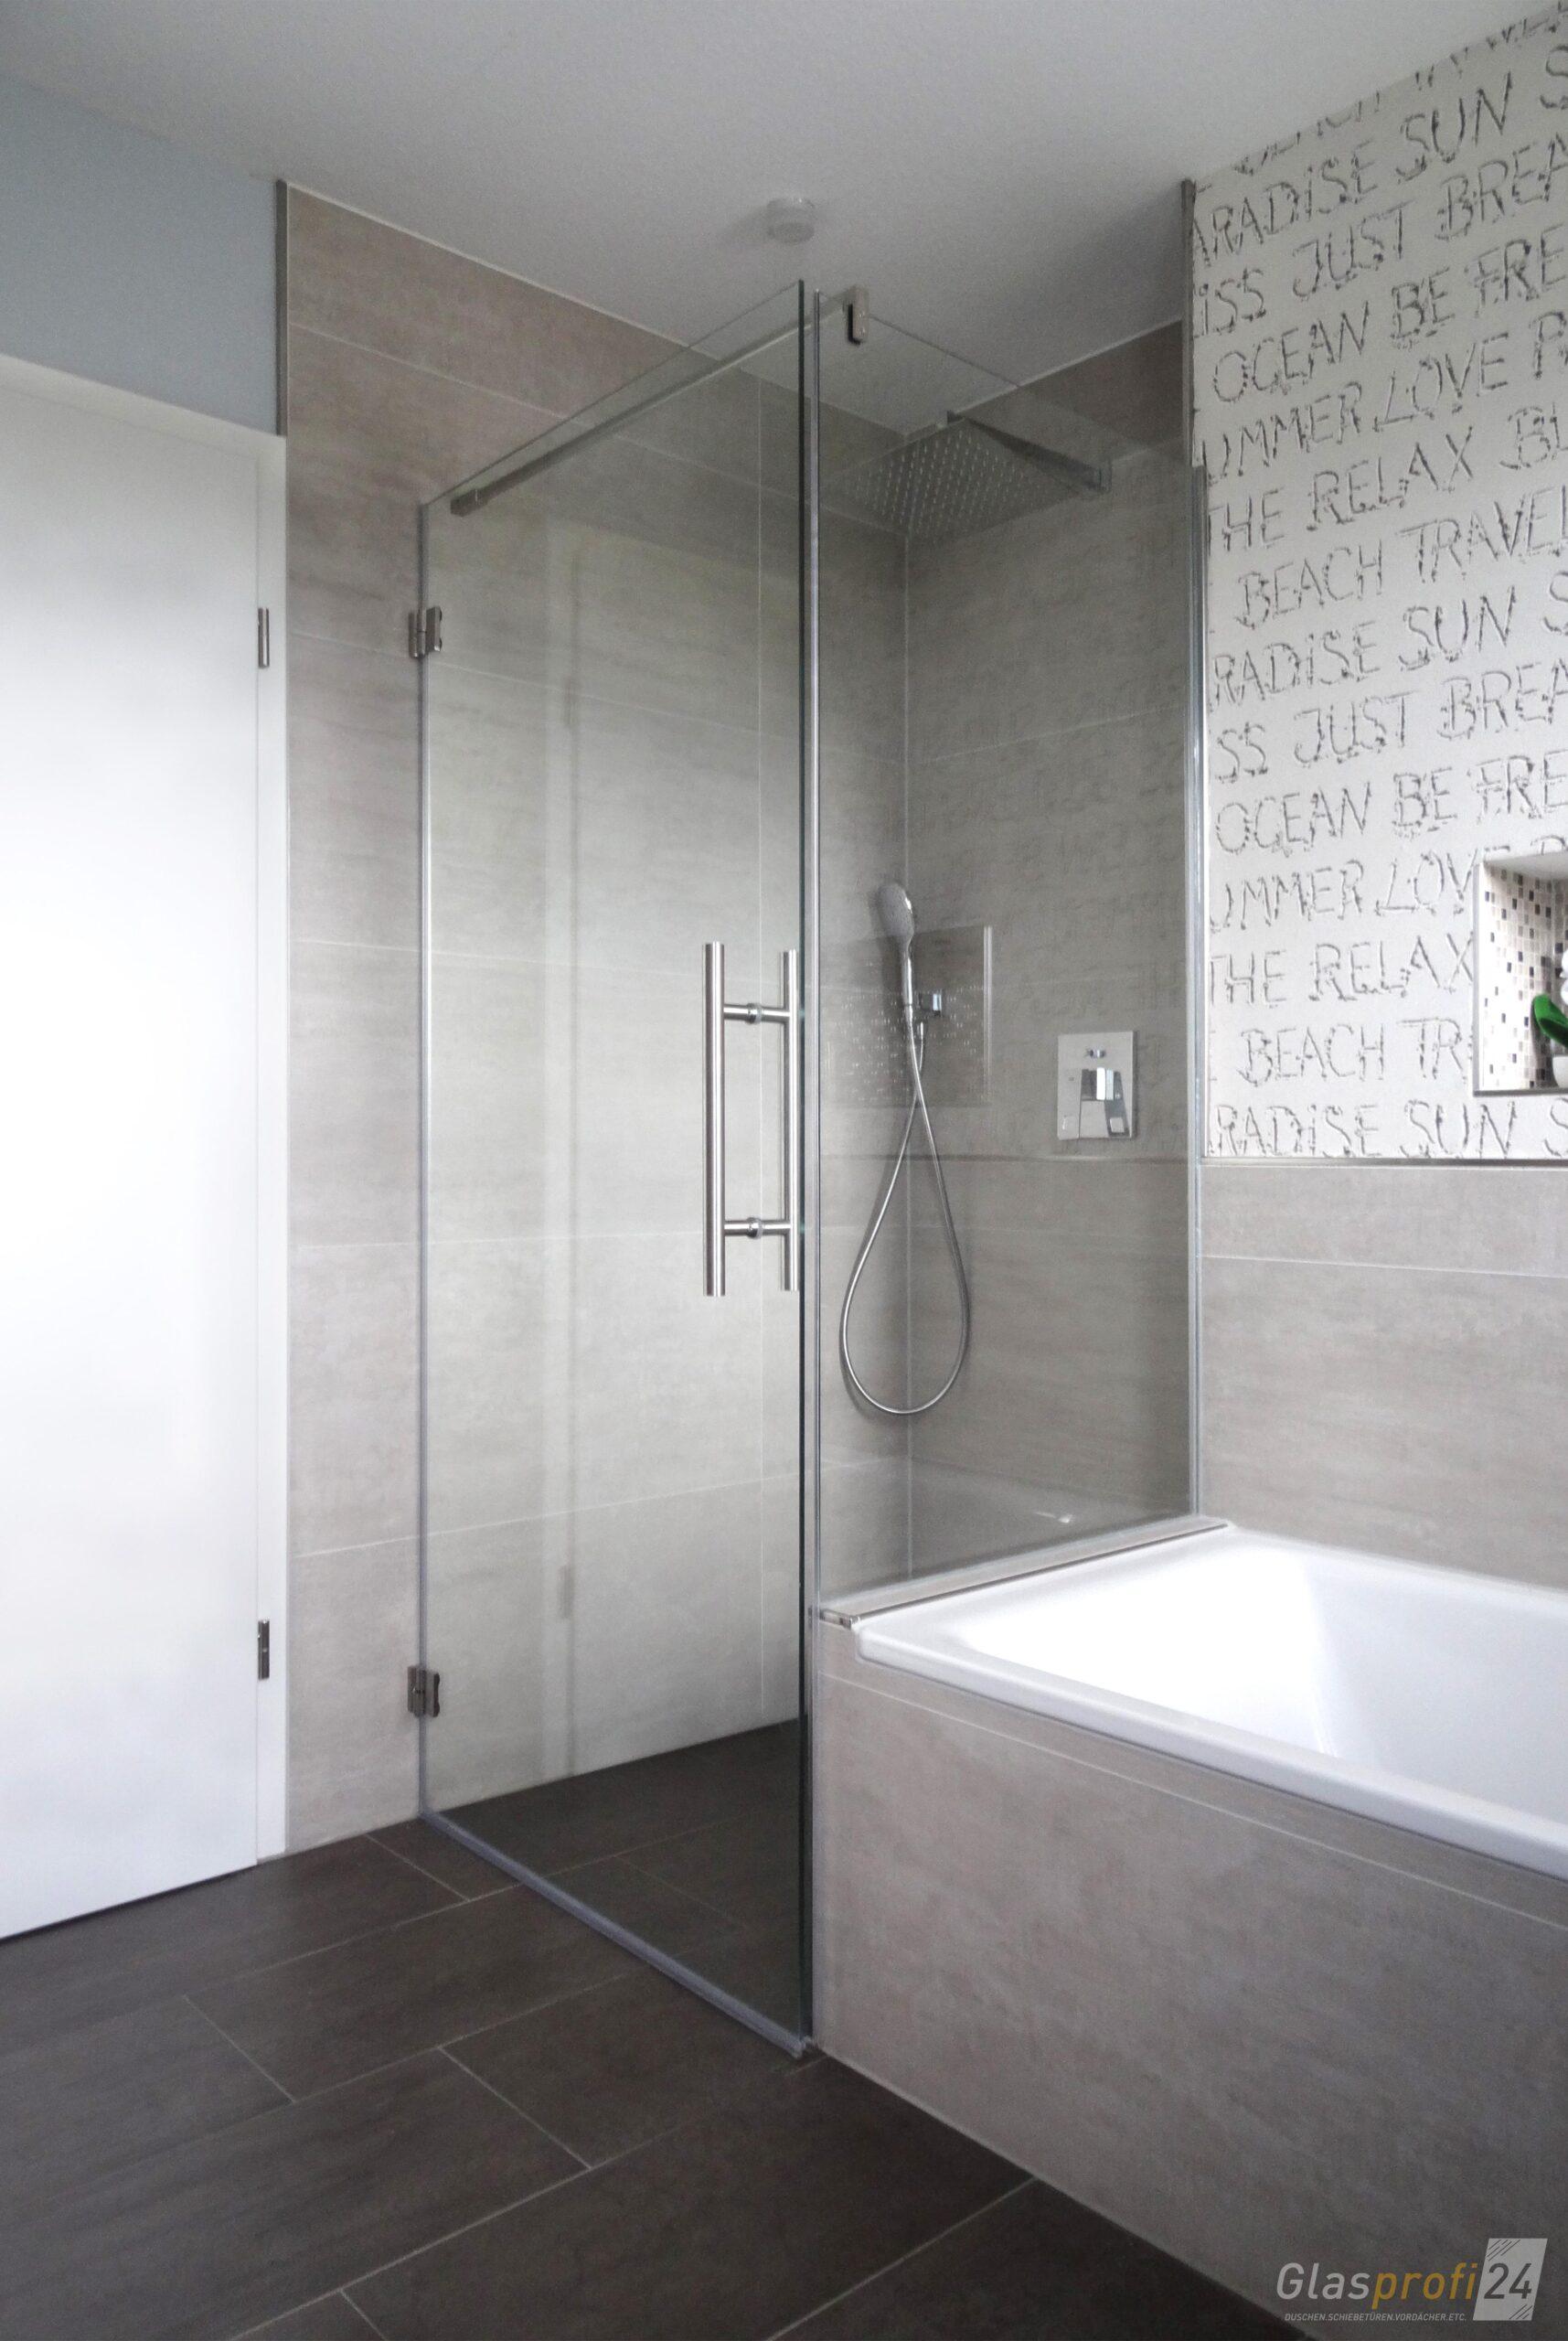 Full Size of Dusche An Badewanne Glasprofi24 Rainshower Schulte Duschen Werksverkauf Hüppe Wand Grohe Thermostat Sprinz Ebenerdig Raindance Begehbare Antirutschmatte Dusche Glastrennwand Dusche